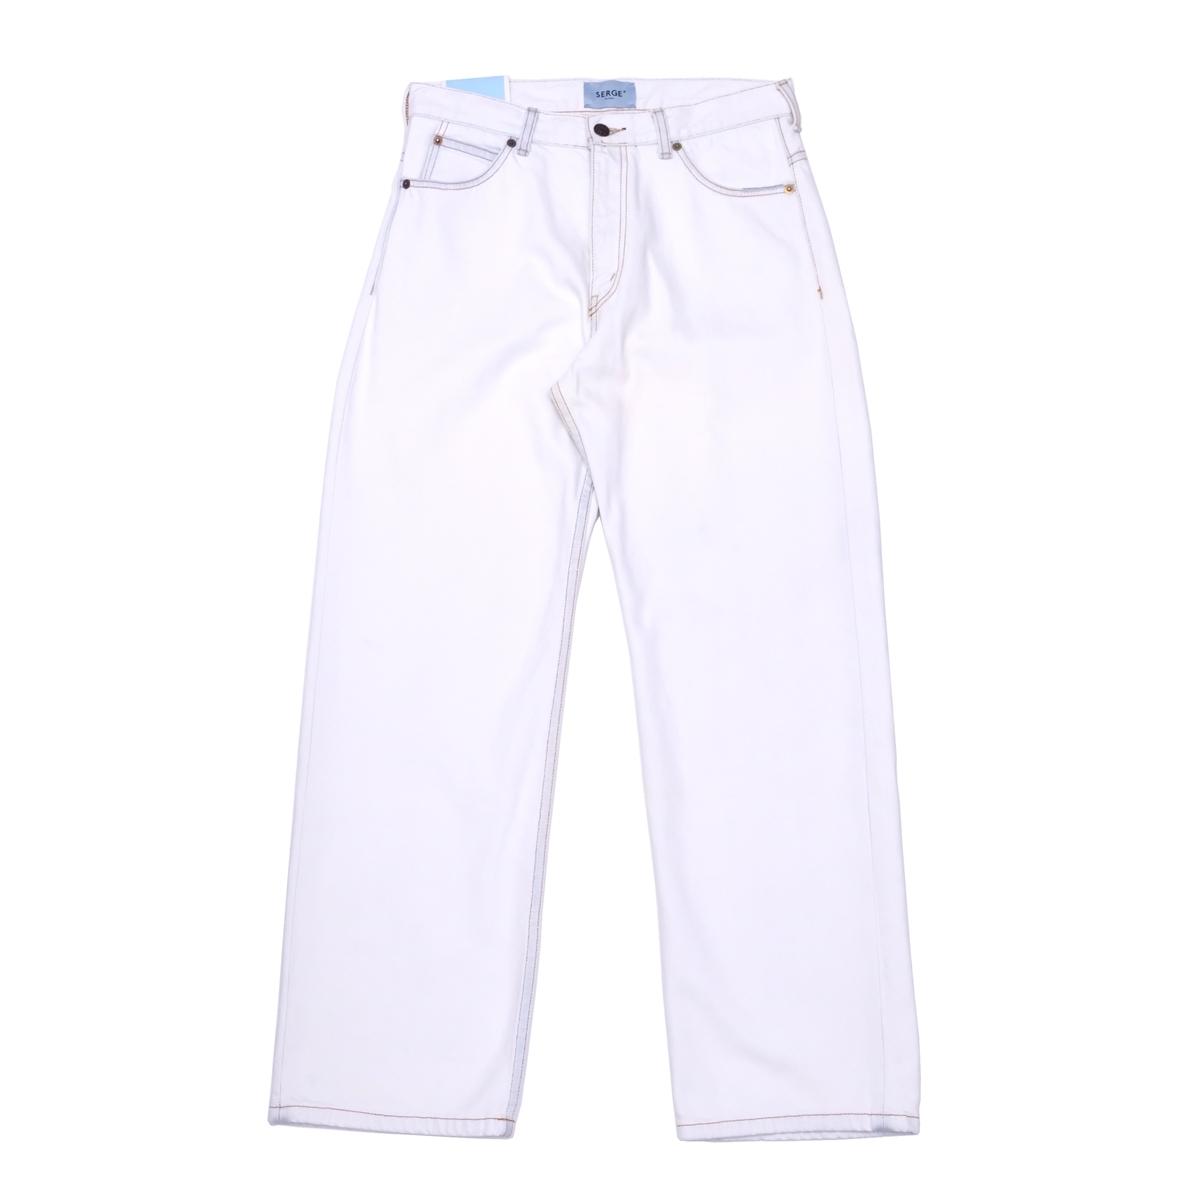 SERGE LIMIT BLEACH BAGGY (WHITE) 07043332 サージ リミットブリーチ バギー ブリーチ フラワーオイル トリートメント 日本製 デニム ジーンズ パンツ メンズ 送料無料